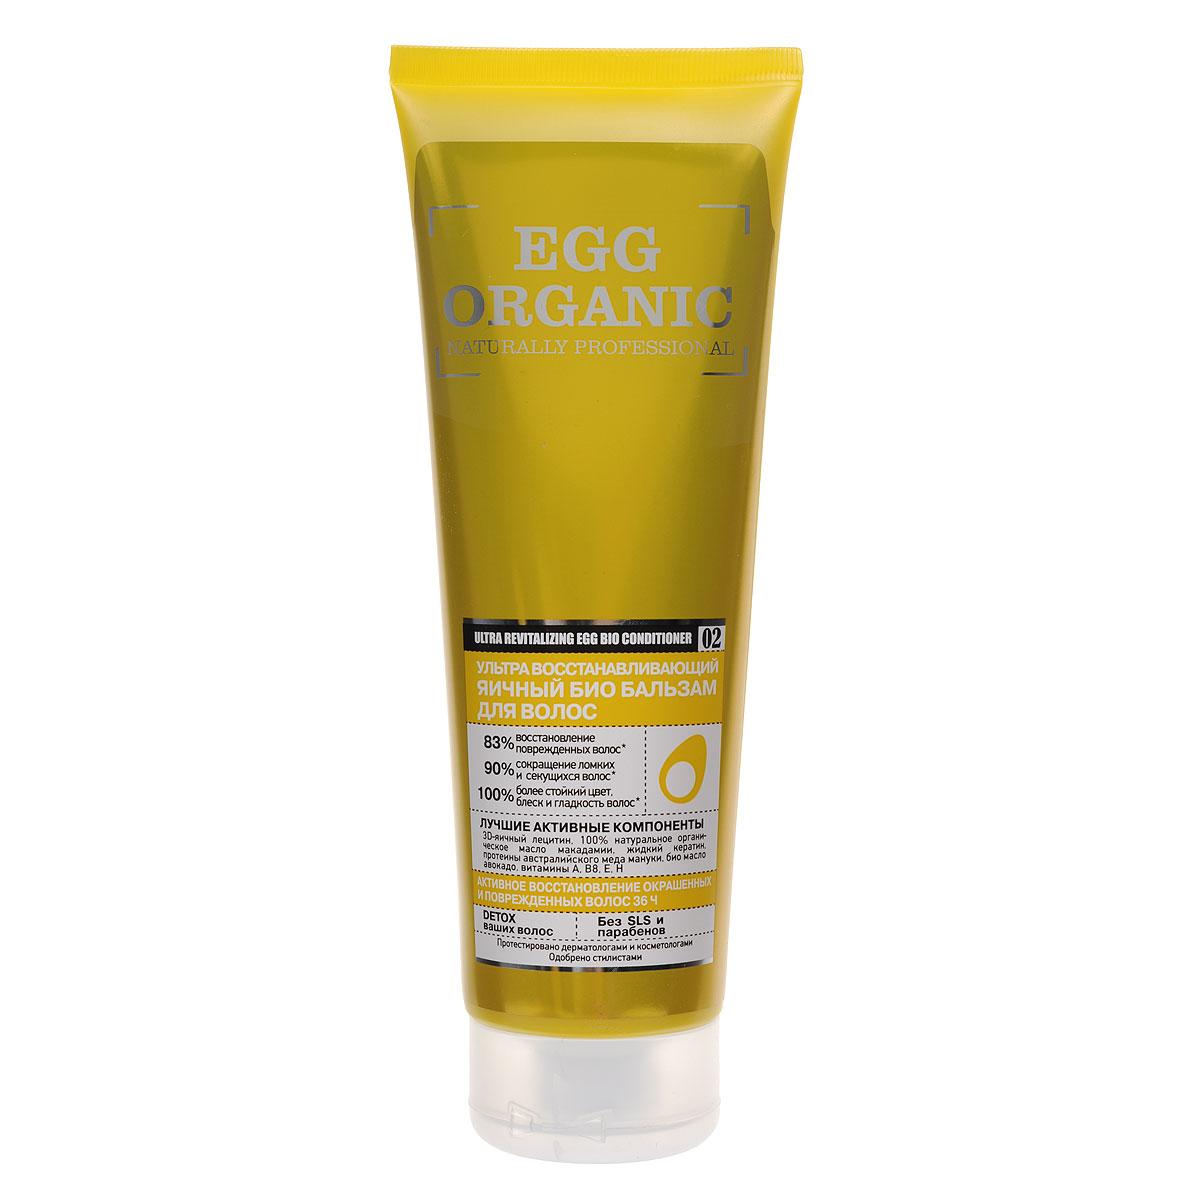 Оrganic Shop Naturally Professional Био-бальзам для волос Ультра восстанавливающий, яичный, 250 млFS-008973D-яичный лецитин эффективно залечивает структурные повреждения, восстанавливая волосы изнутри. Протеины австралийского меда мануки глубоко питают и насыщают волосы полезными микроэлементами. 100% натуральное органическое масло макадамии интенсивно увлажняет волосы и облегчает их расчесывание. Био масло авокадо обеспечивает стойкость цвета для окрашенных волос, дарит блеск и гладкость. Жидкий кератин обеспечивает надежную защиту от термо и УФ воздействий, предотвращает ломкость и сечение волос. Товар сертифицирован.